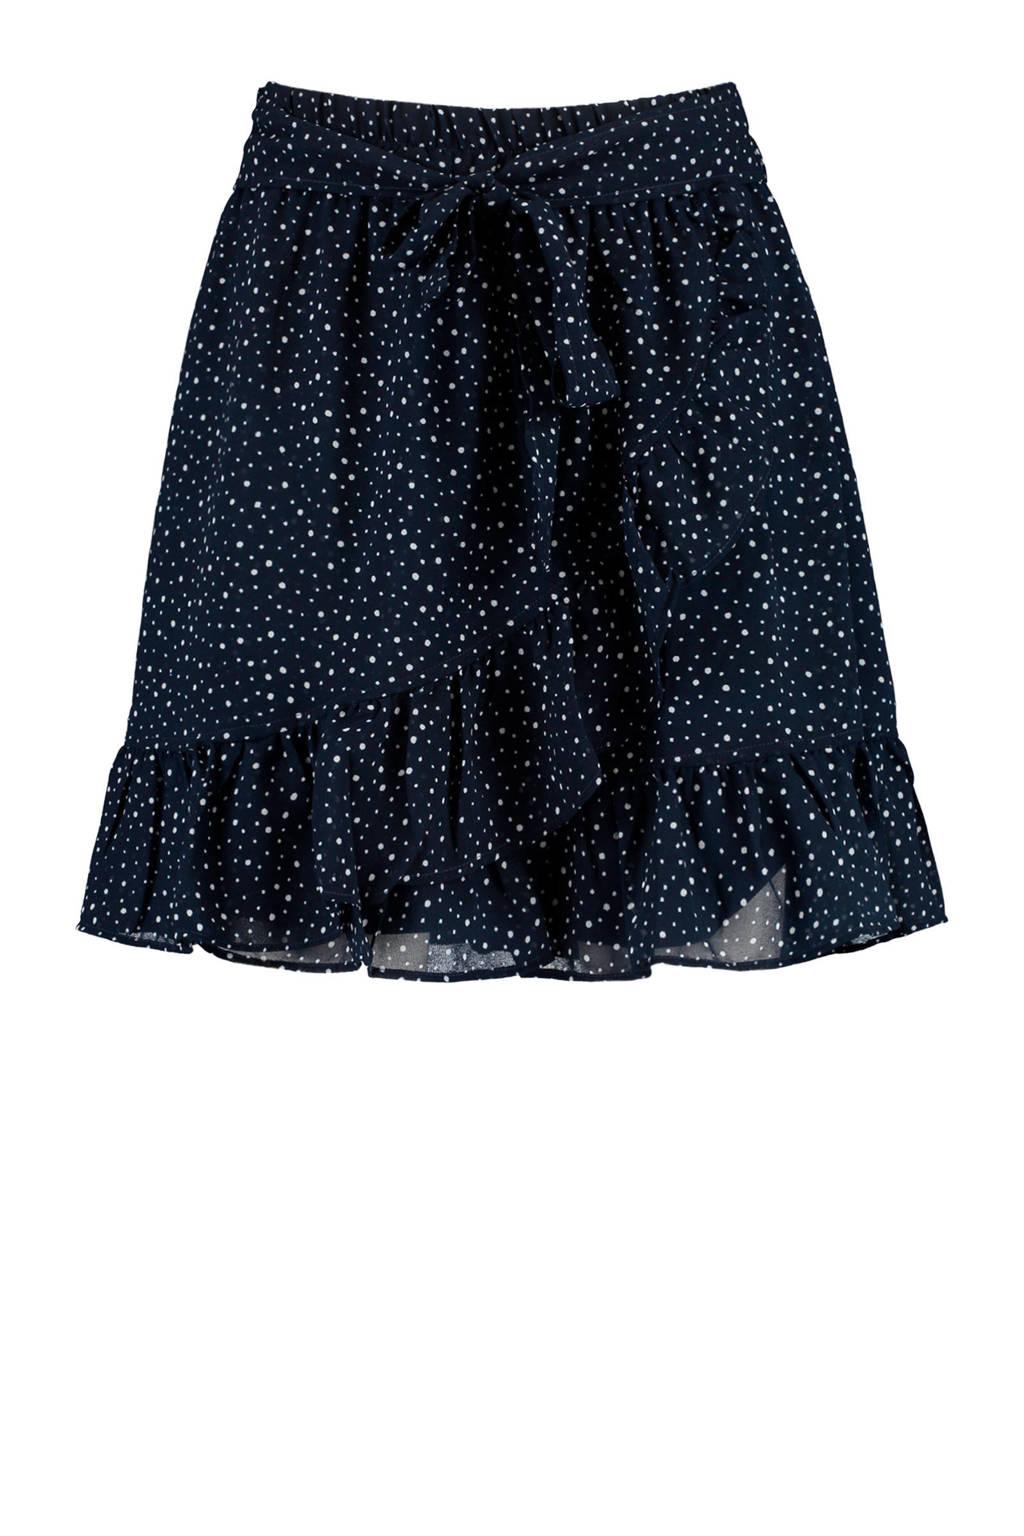 America Today rok met stippen en volant donkerblauw/wit, Donkerblauw/wit